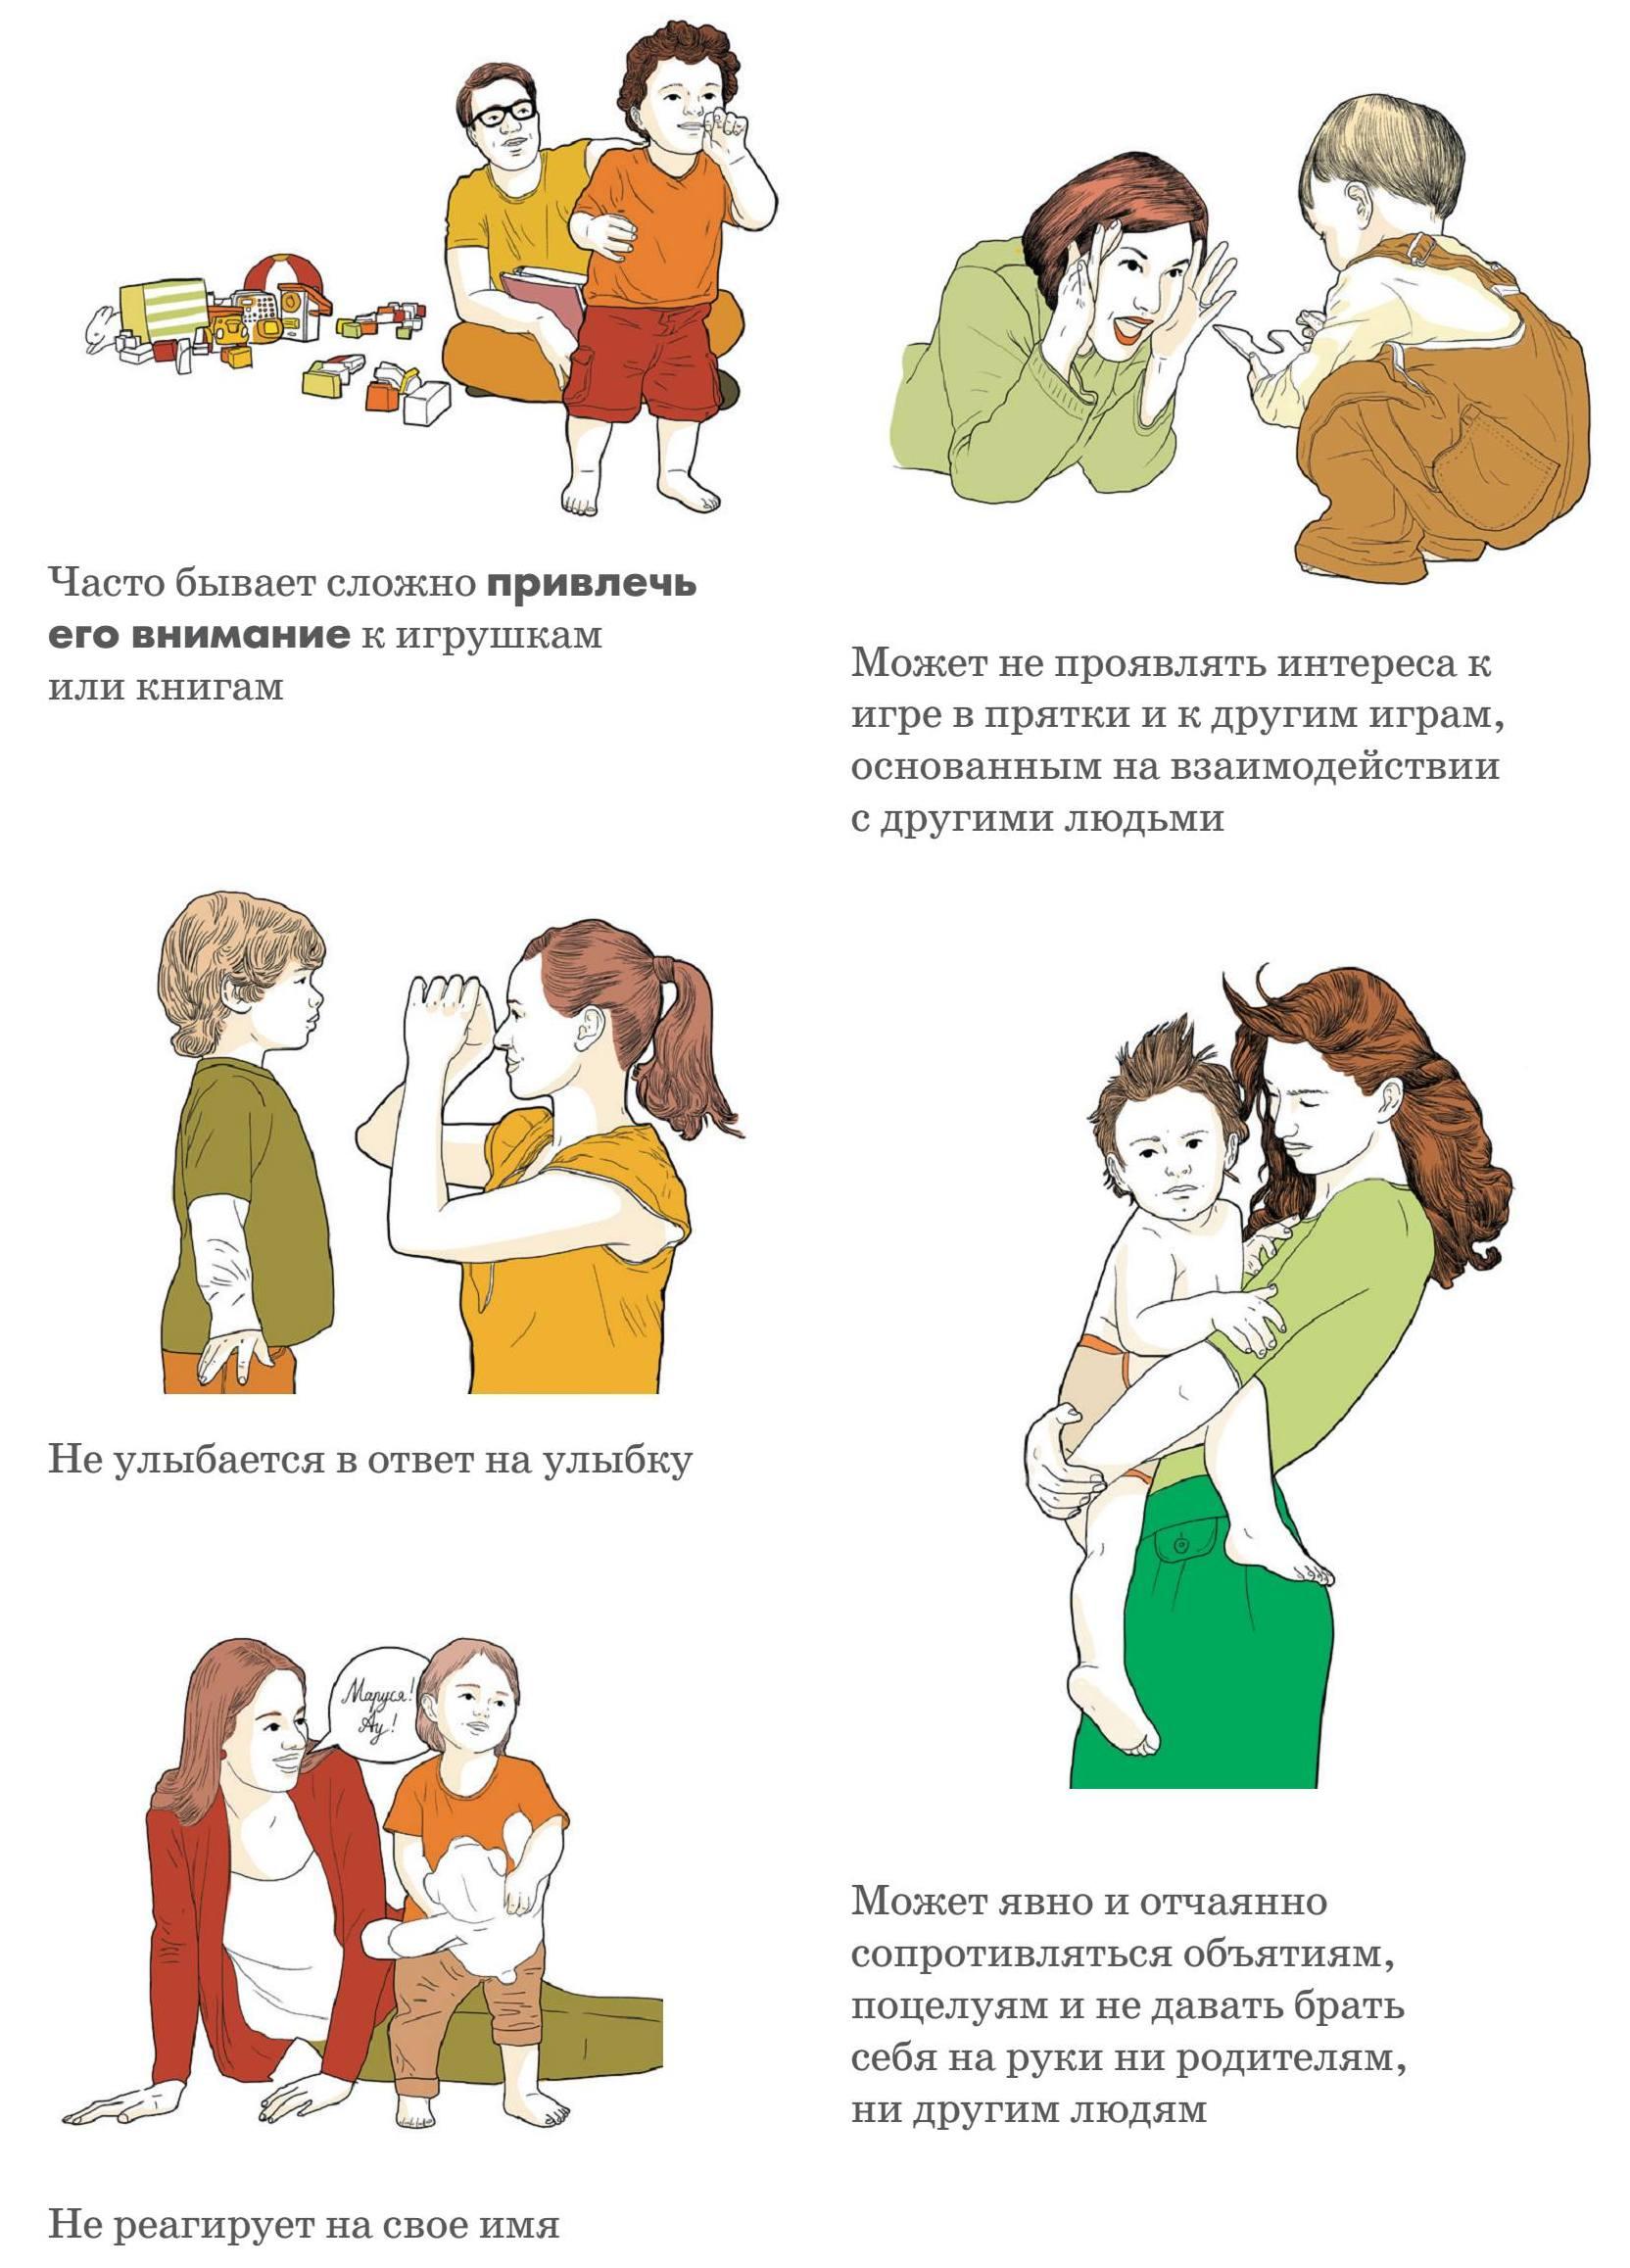 аутизм, признаки у детей